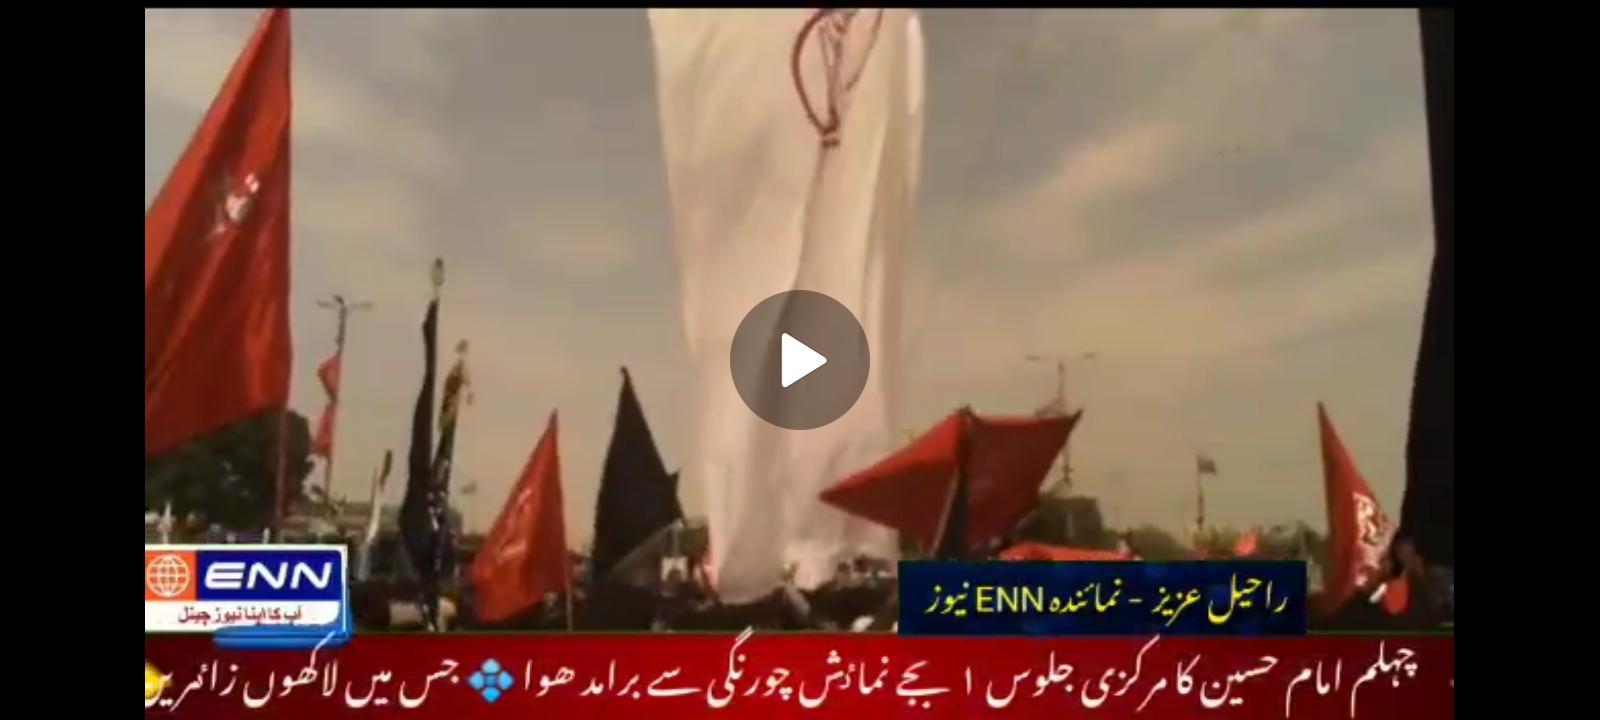 کراچی : چہلم امام حسین